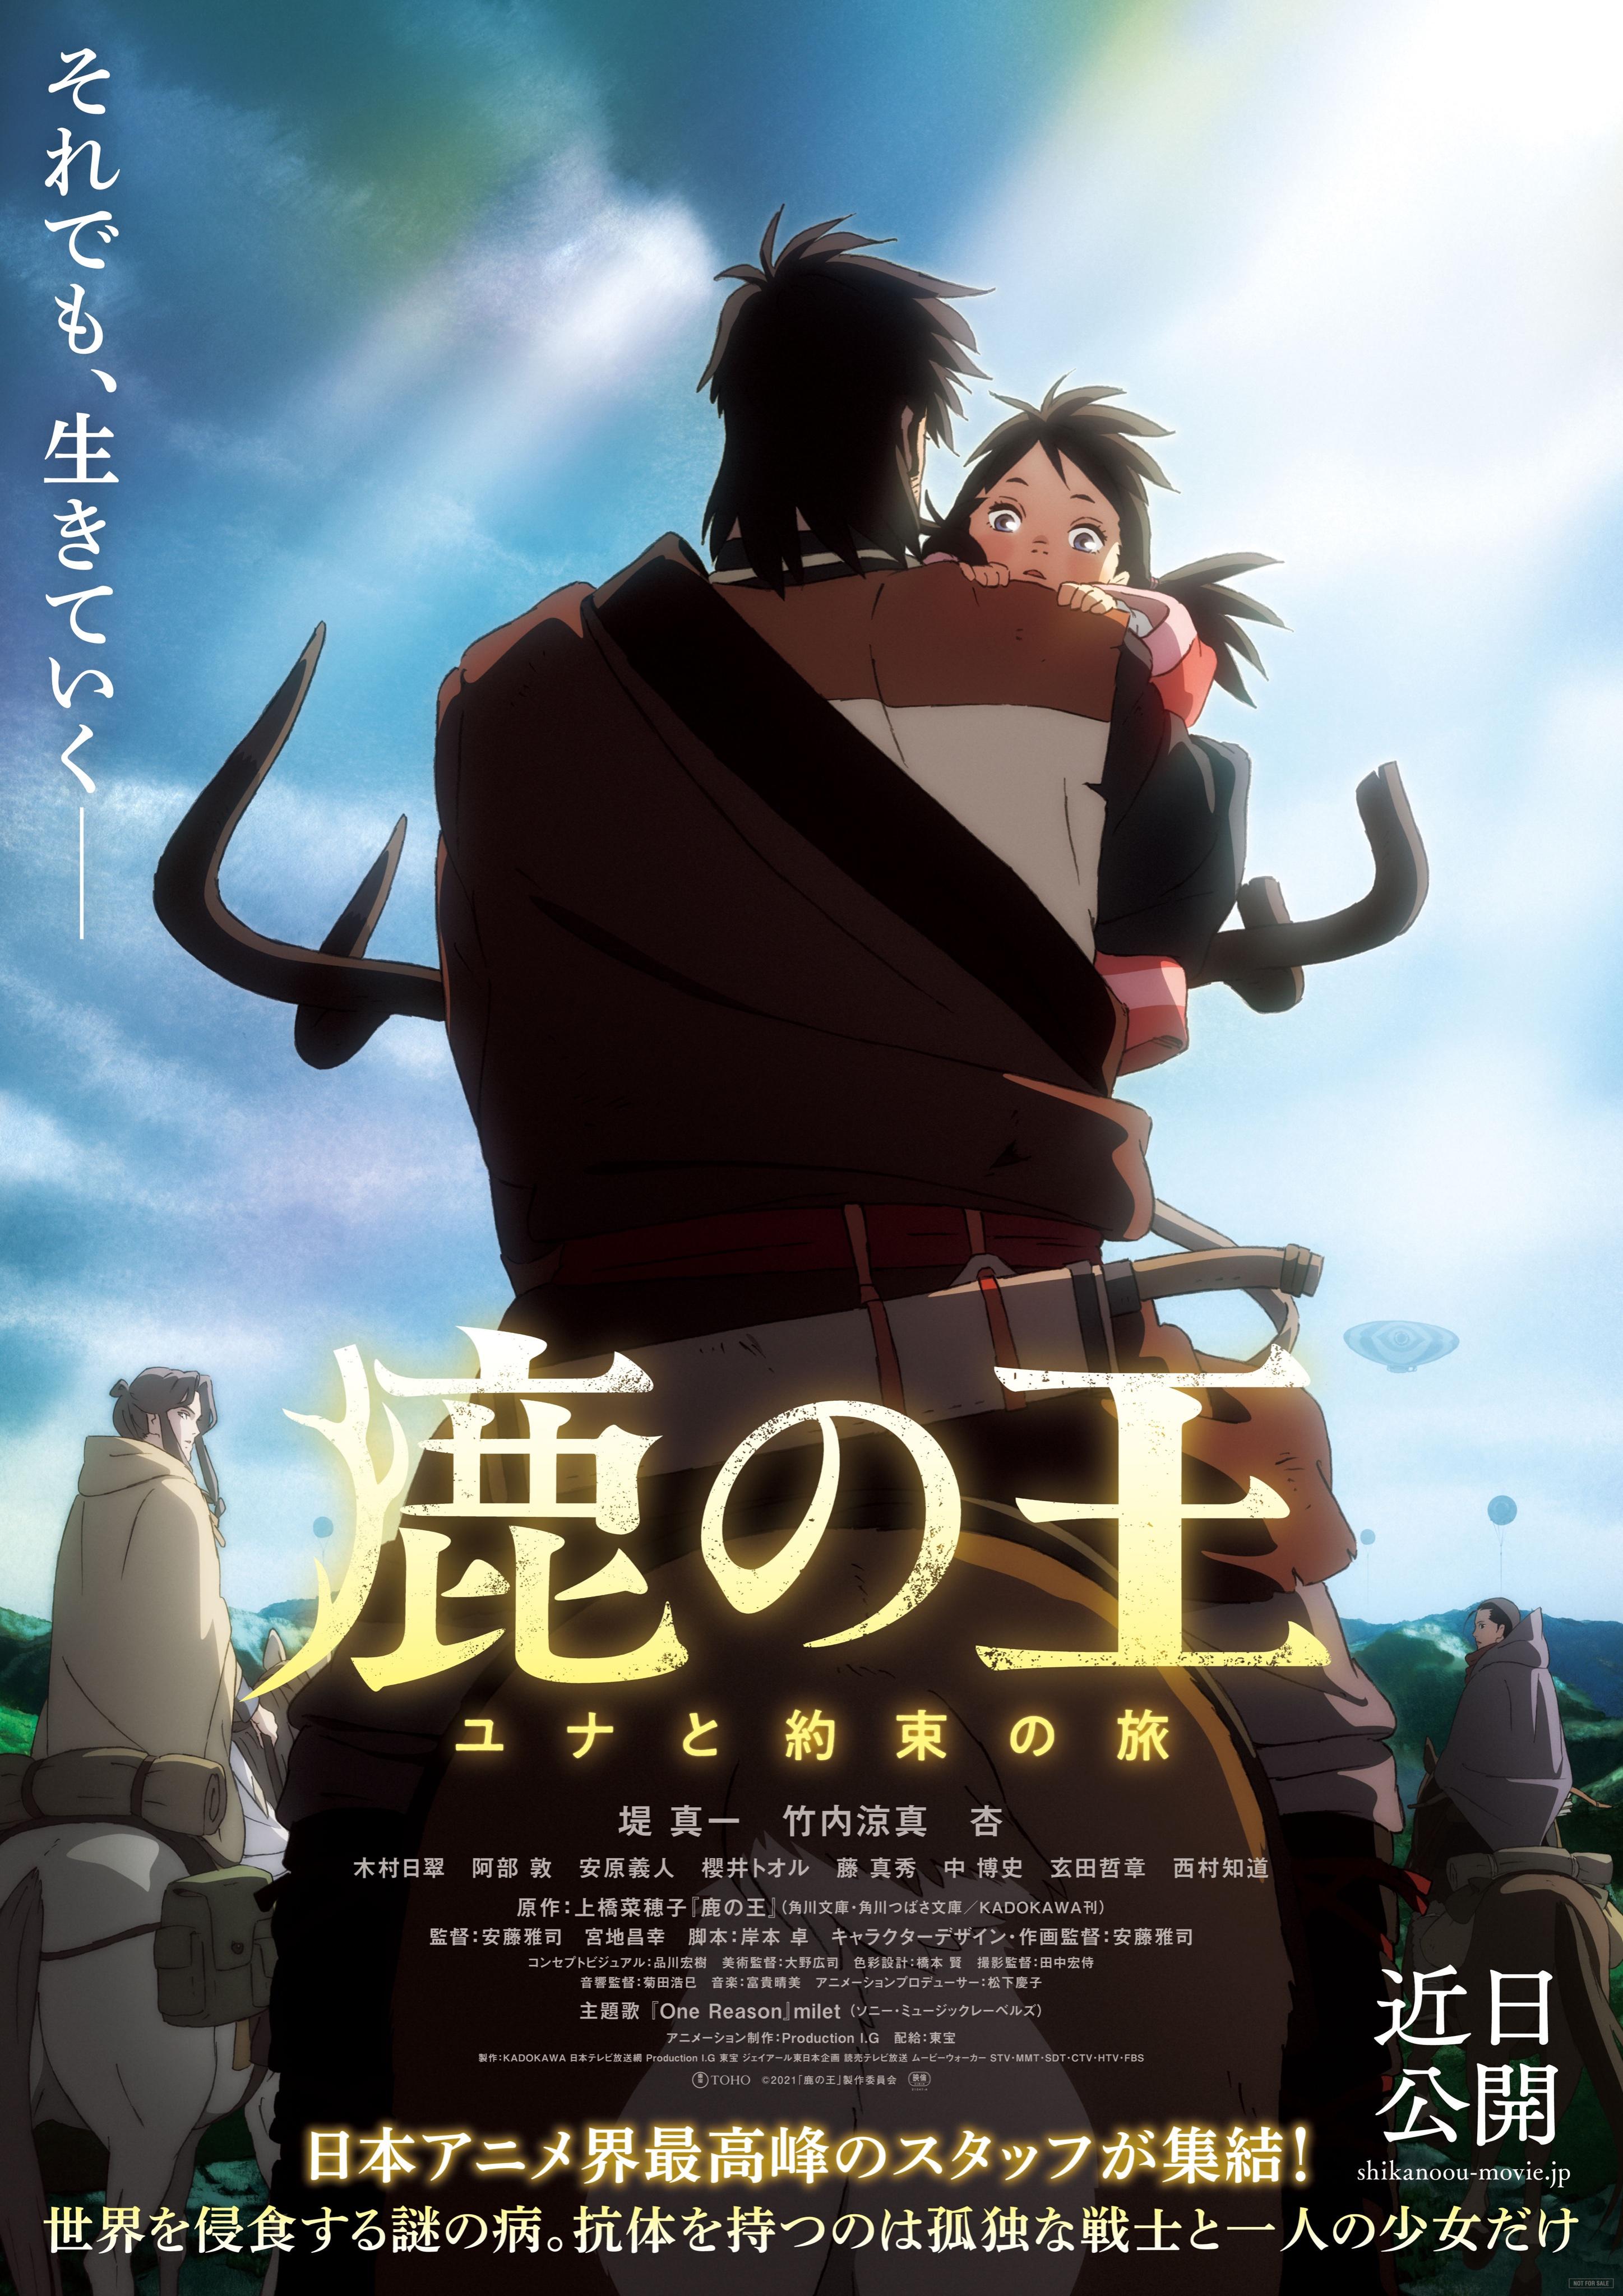 【动漫情报】动画电影《鹿王》宣布因新冠疫情原因决定延迟上映